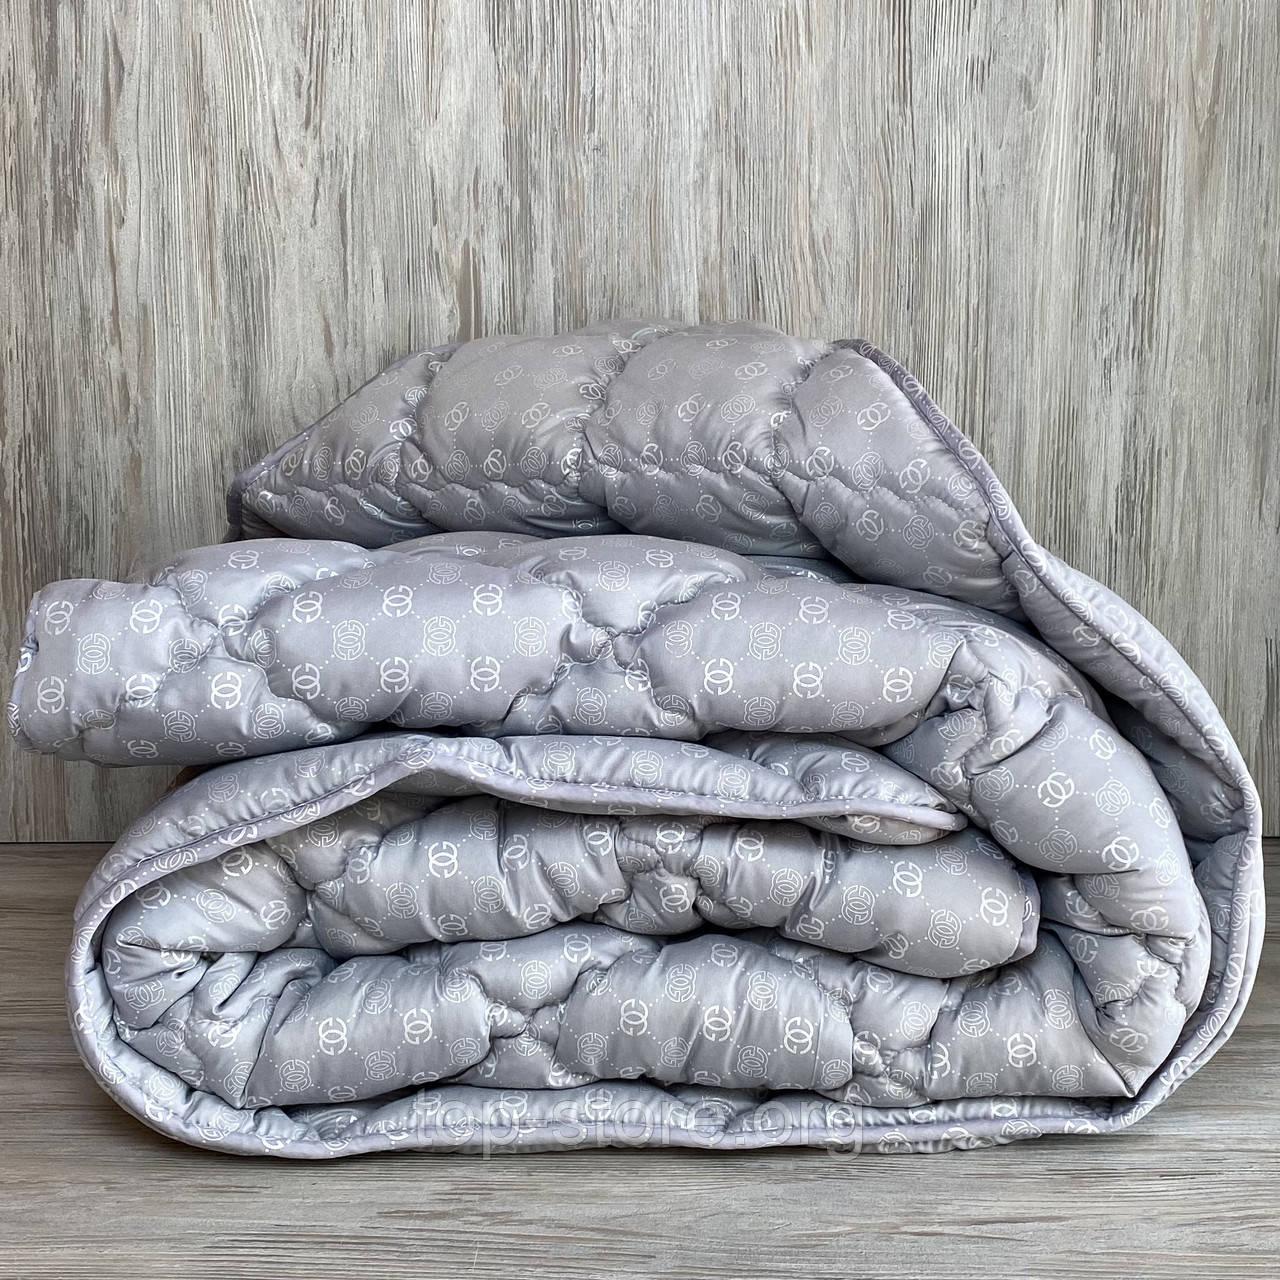 Ковдри тканини холлофайбер ОДА двоспального розміру 175х210 ( 10 шт) Стьобані зимову ковдру високої якості